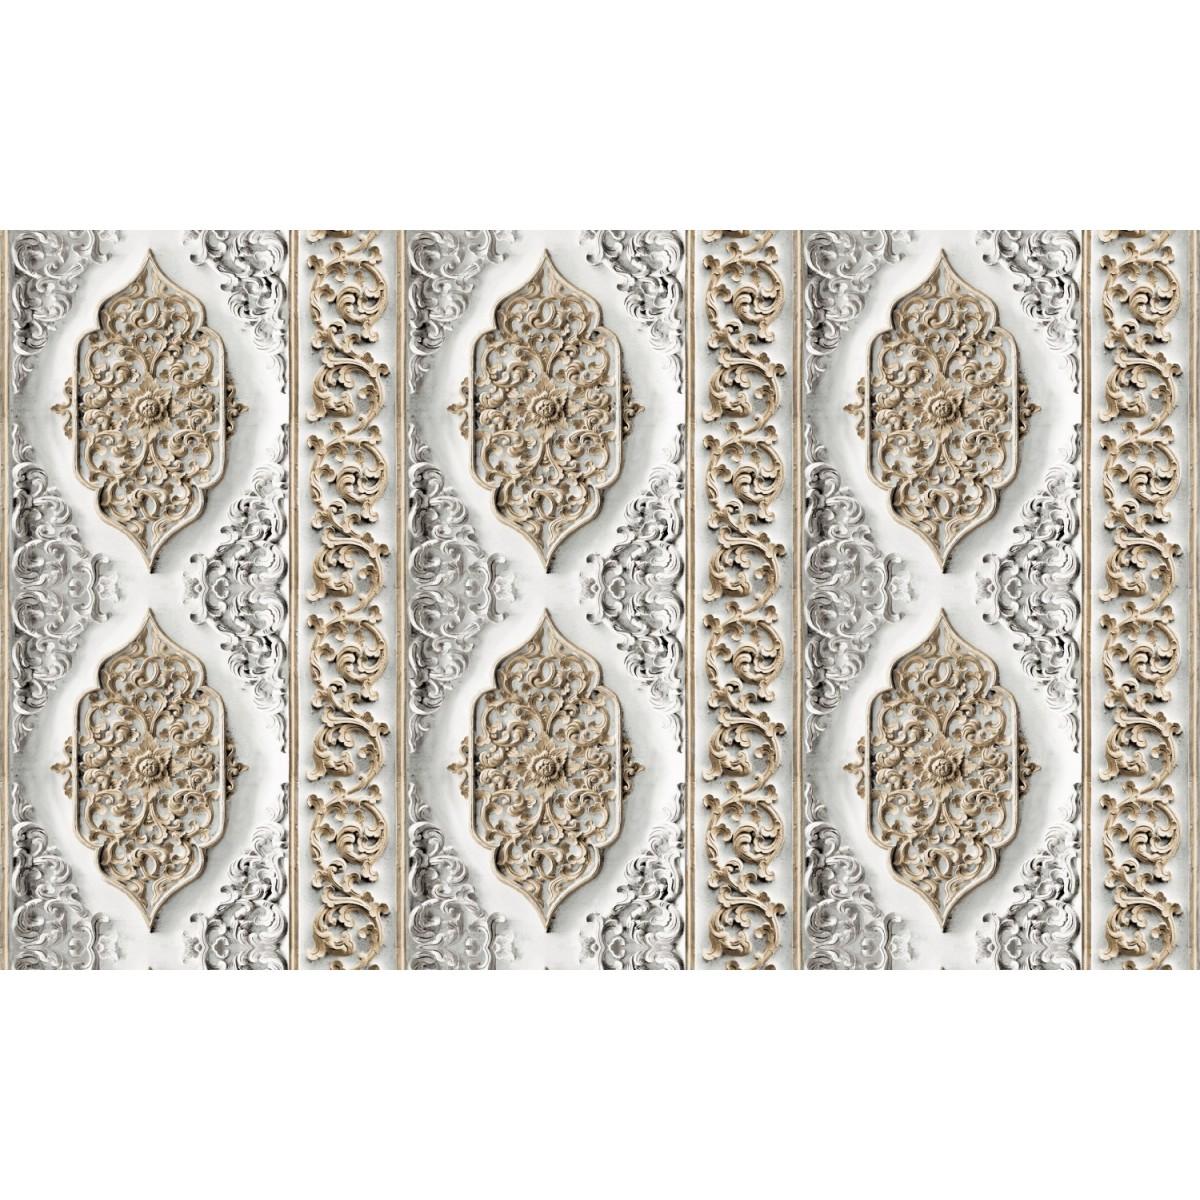 Обои виниловые Shinhan Wallcoverings серые 1.06 м 88366-2